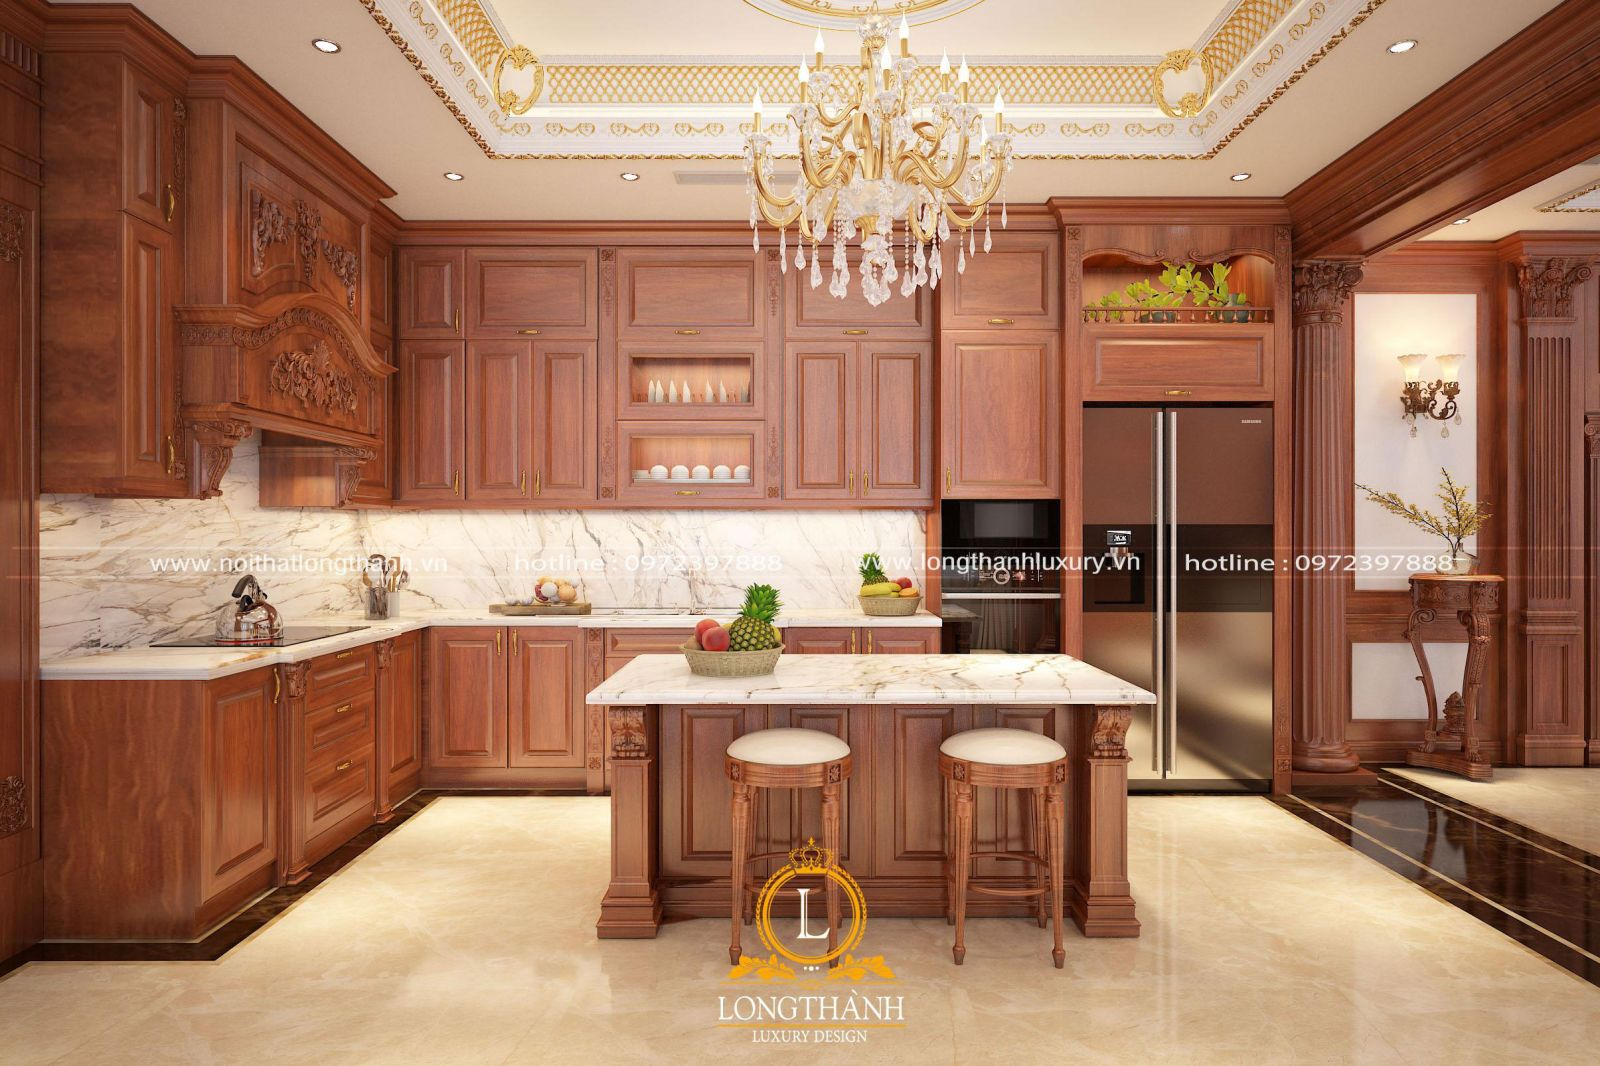 Đèn chùm tân cổ điển làm cho phòng bếp thêm sang trọng, lộng lẫy